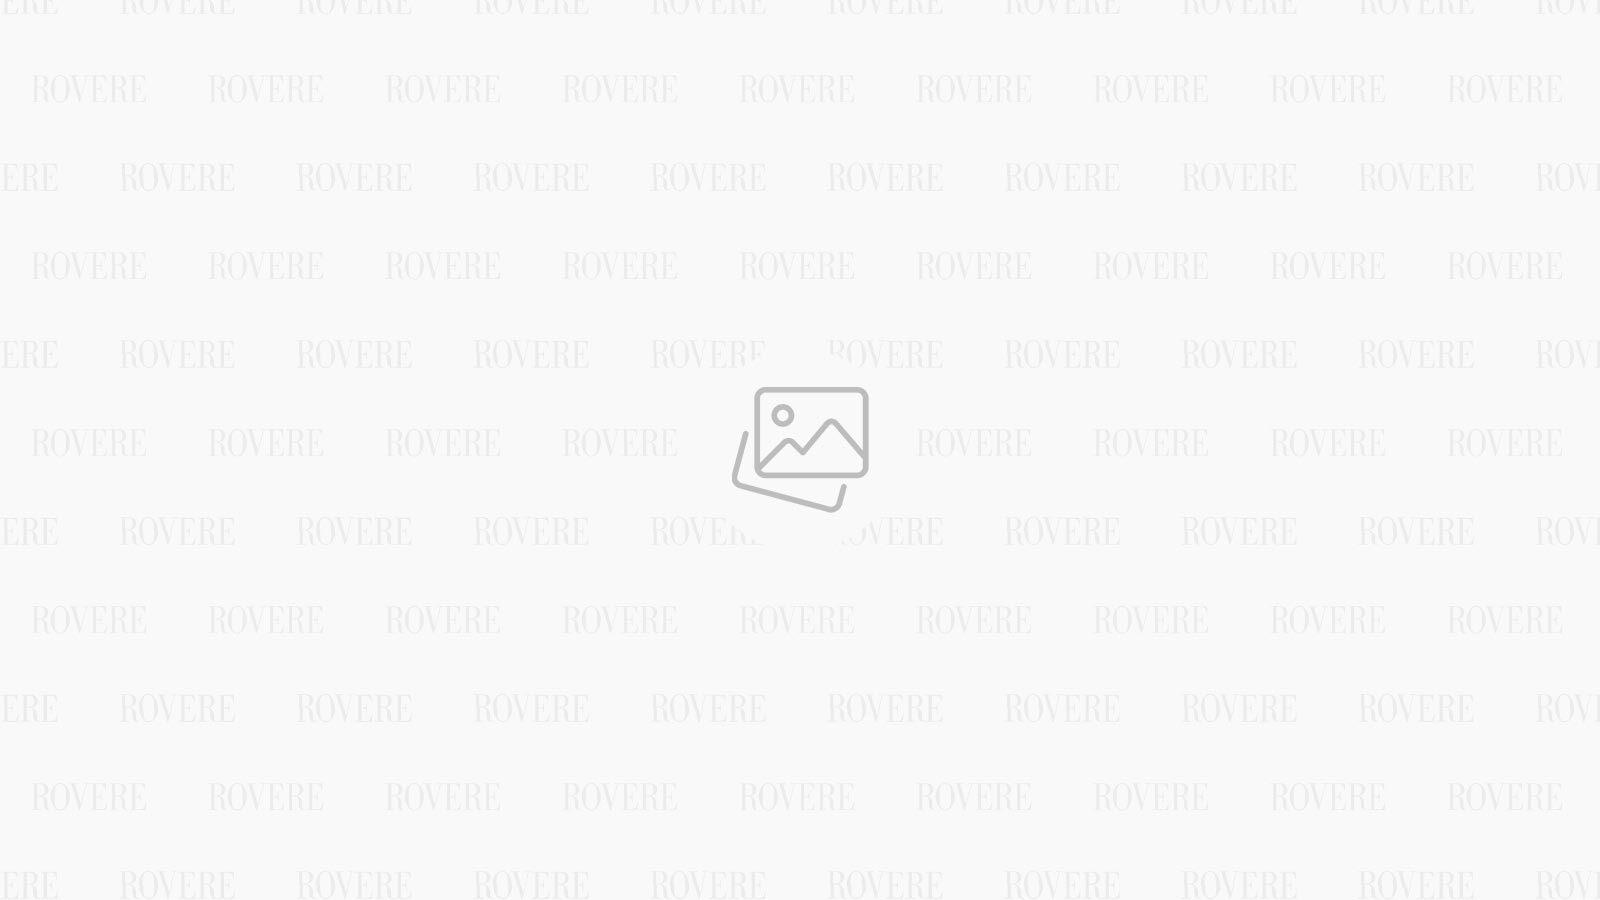 Canapea de colt Domus, 3 locuri + Sezlong, textil Touche 600, stanga